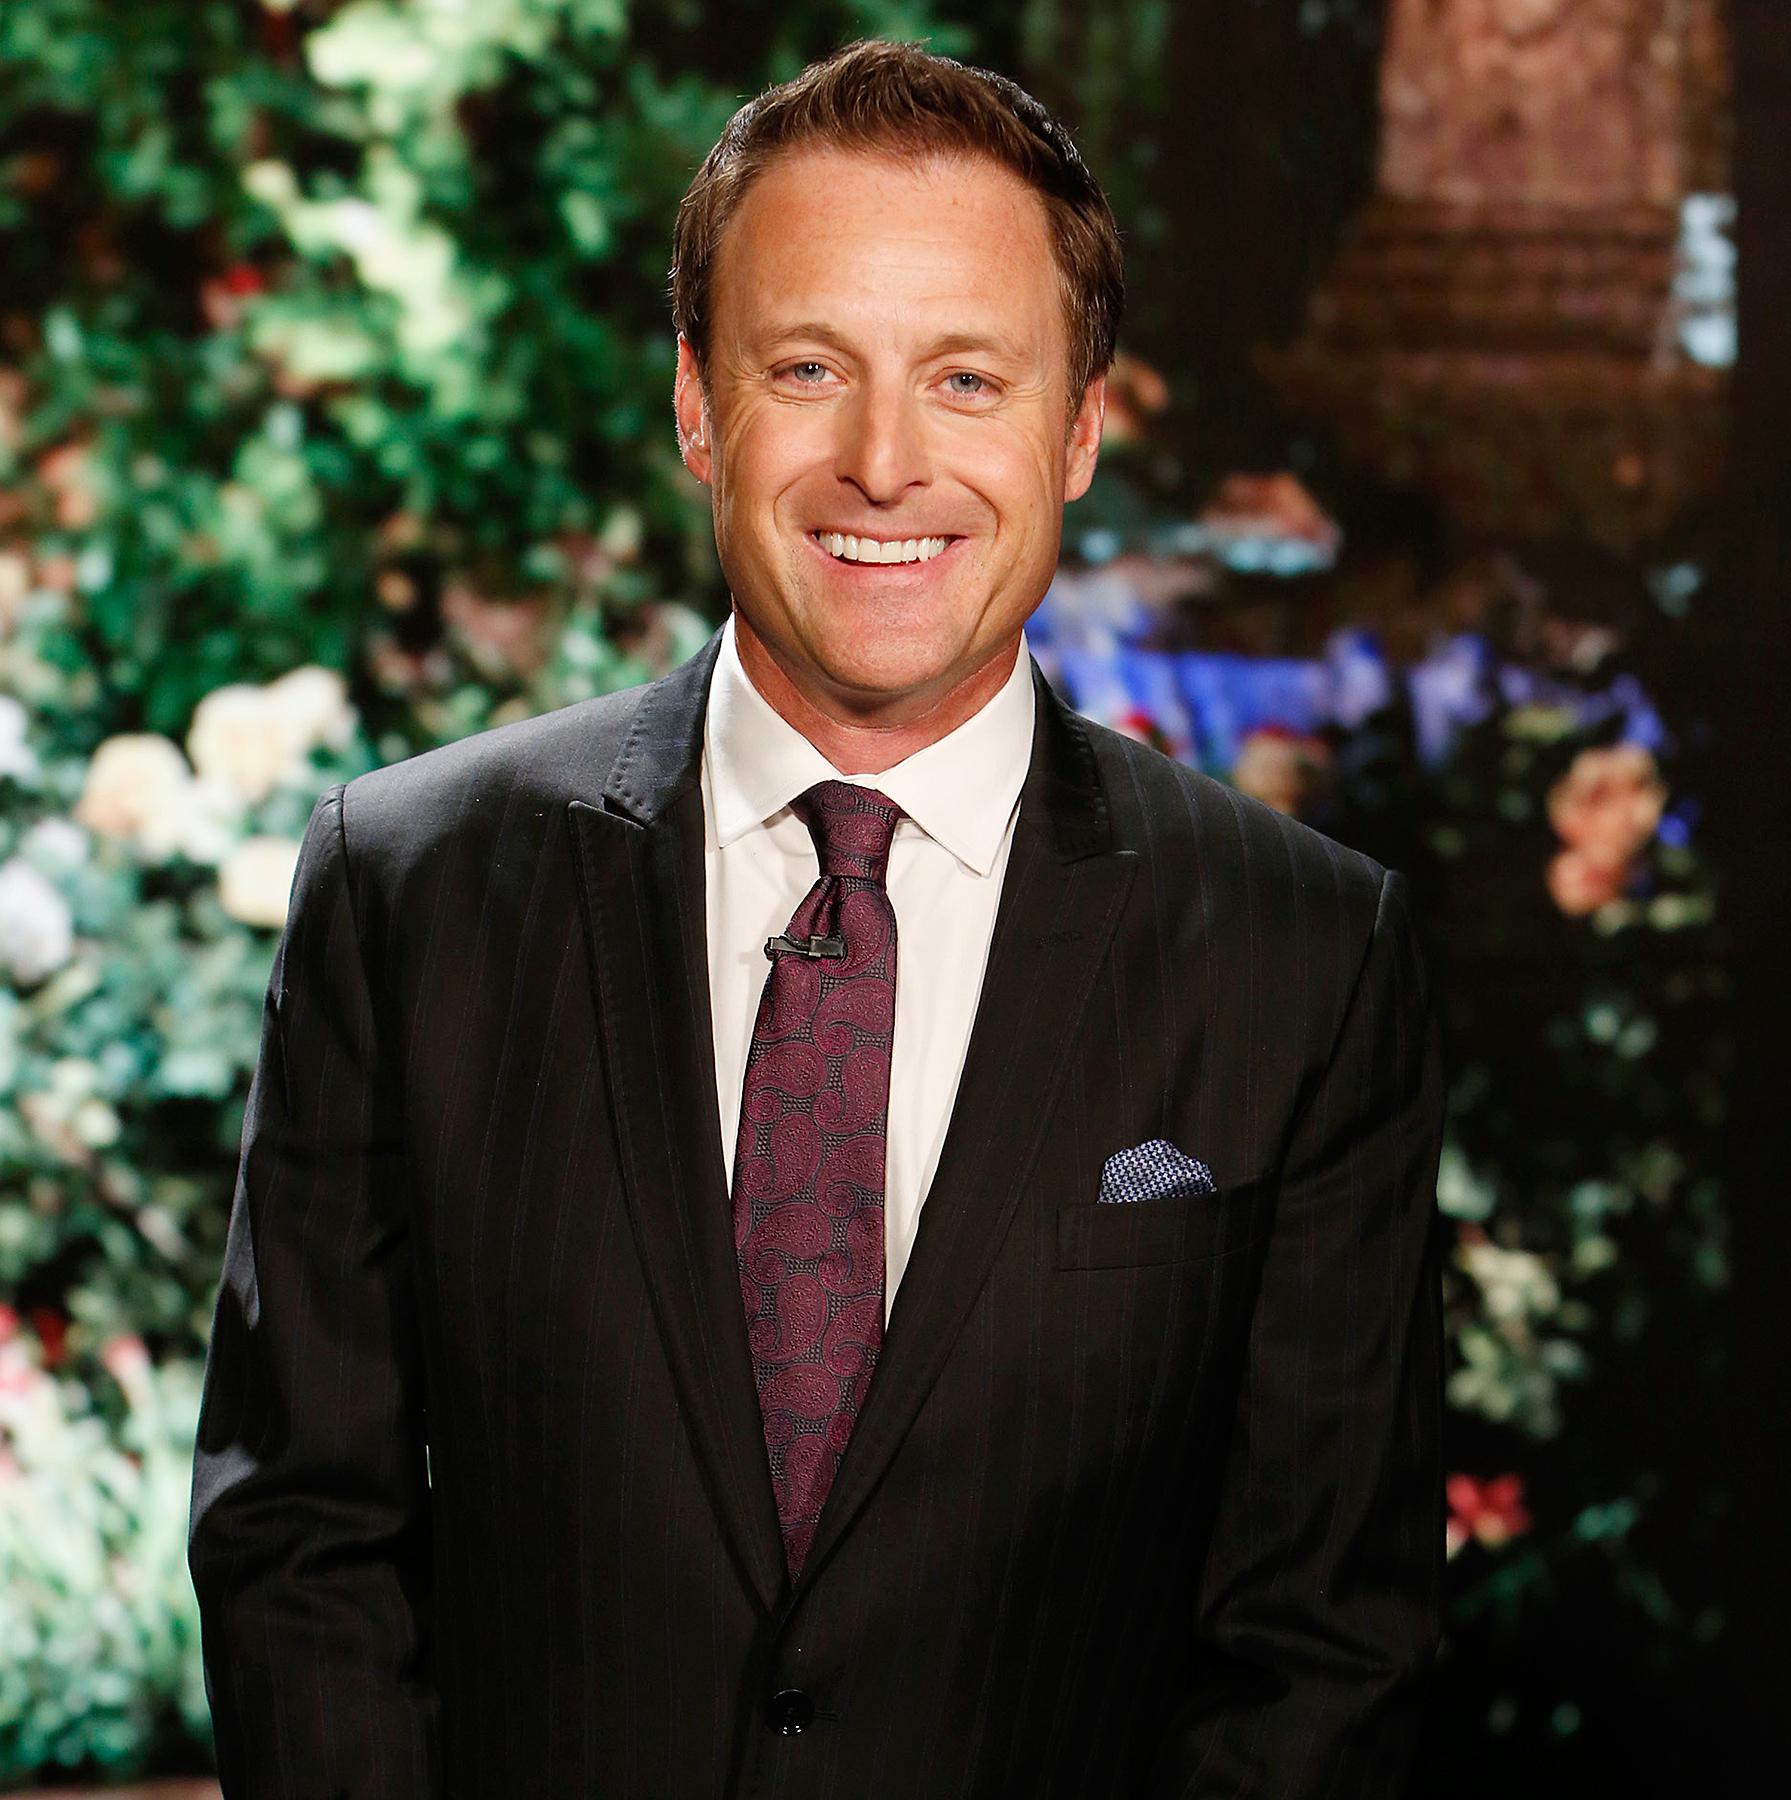 Chris Hardwick The Bachelor